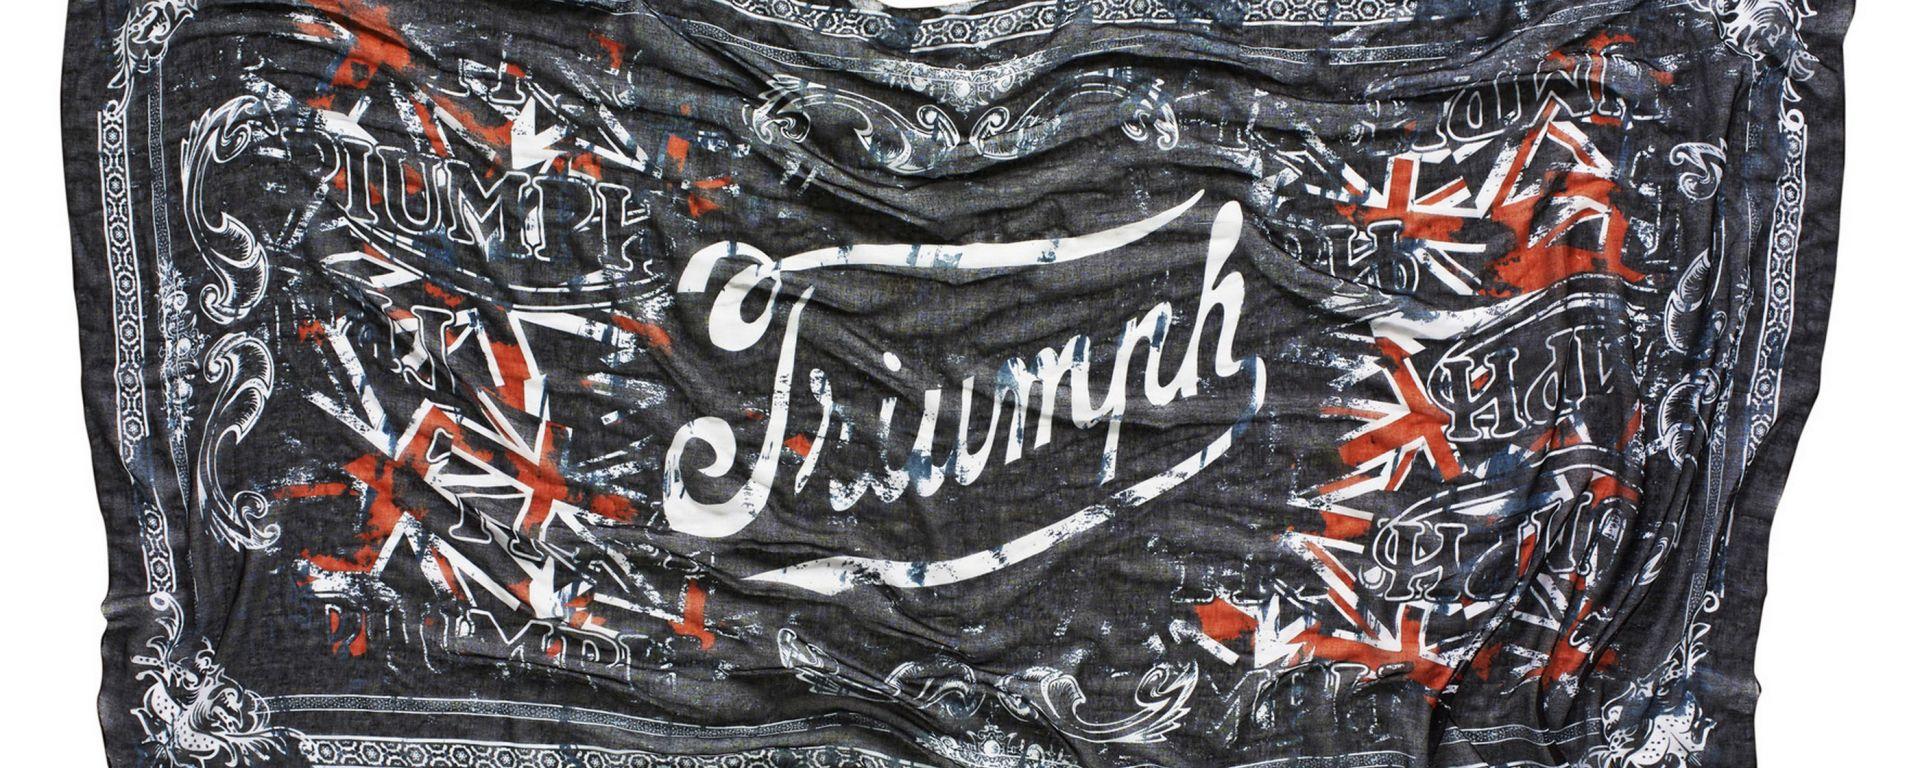 Collezione Triumph primavera 2014